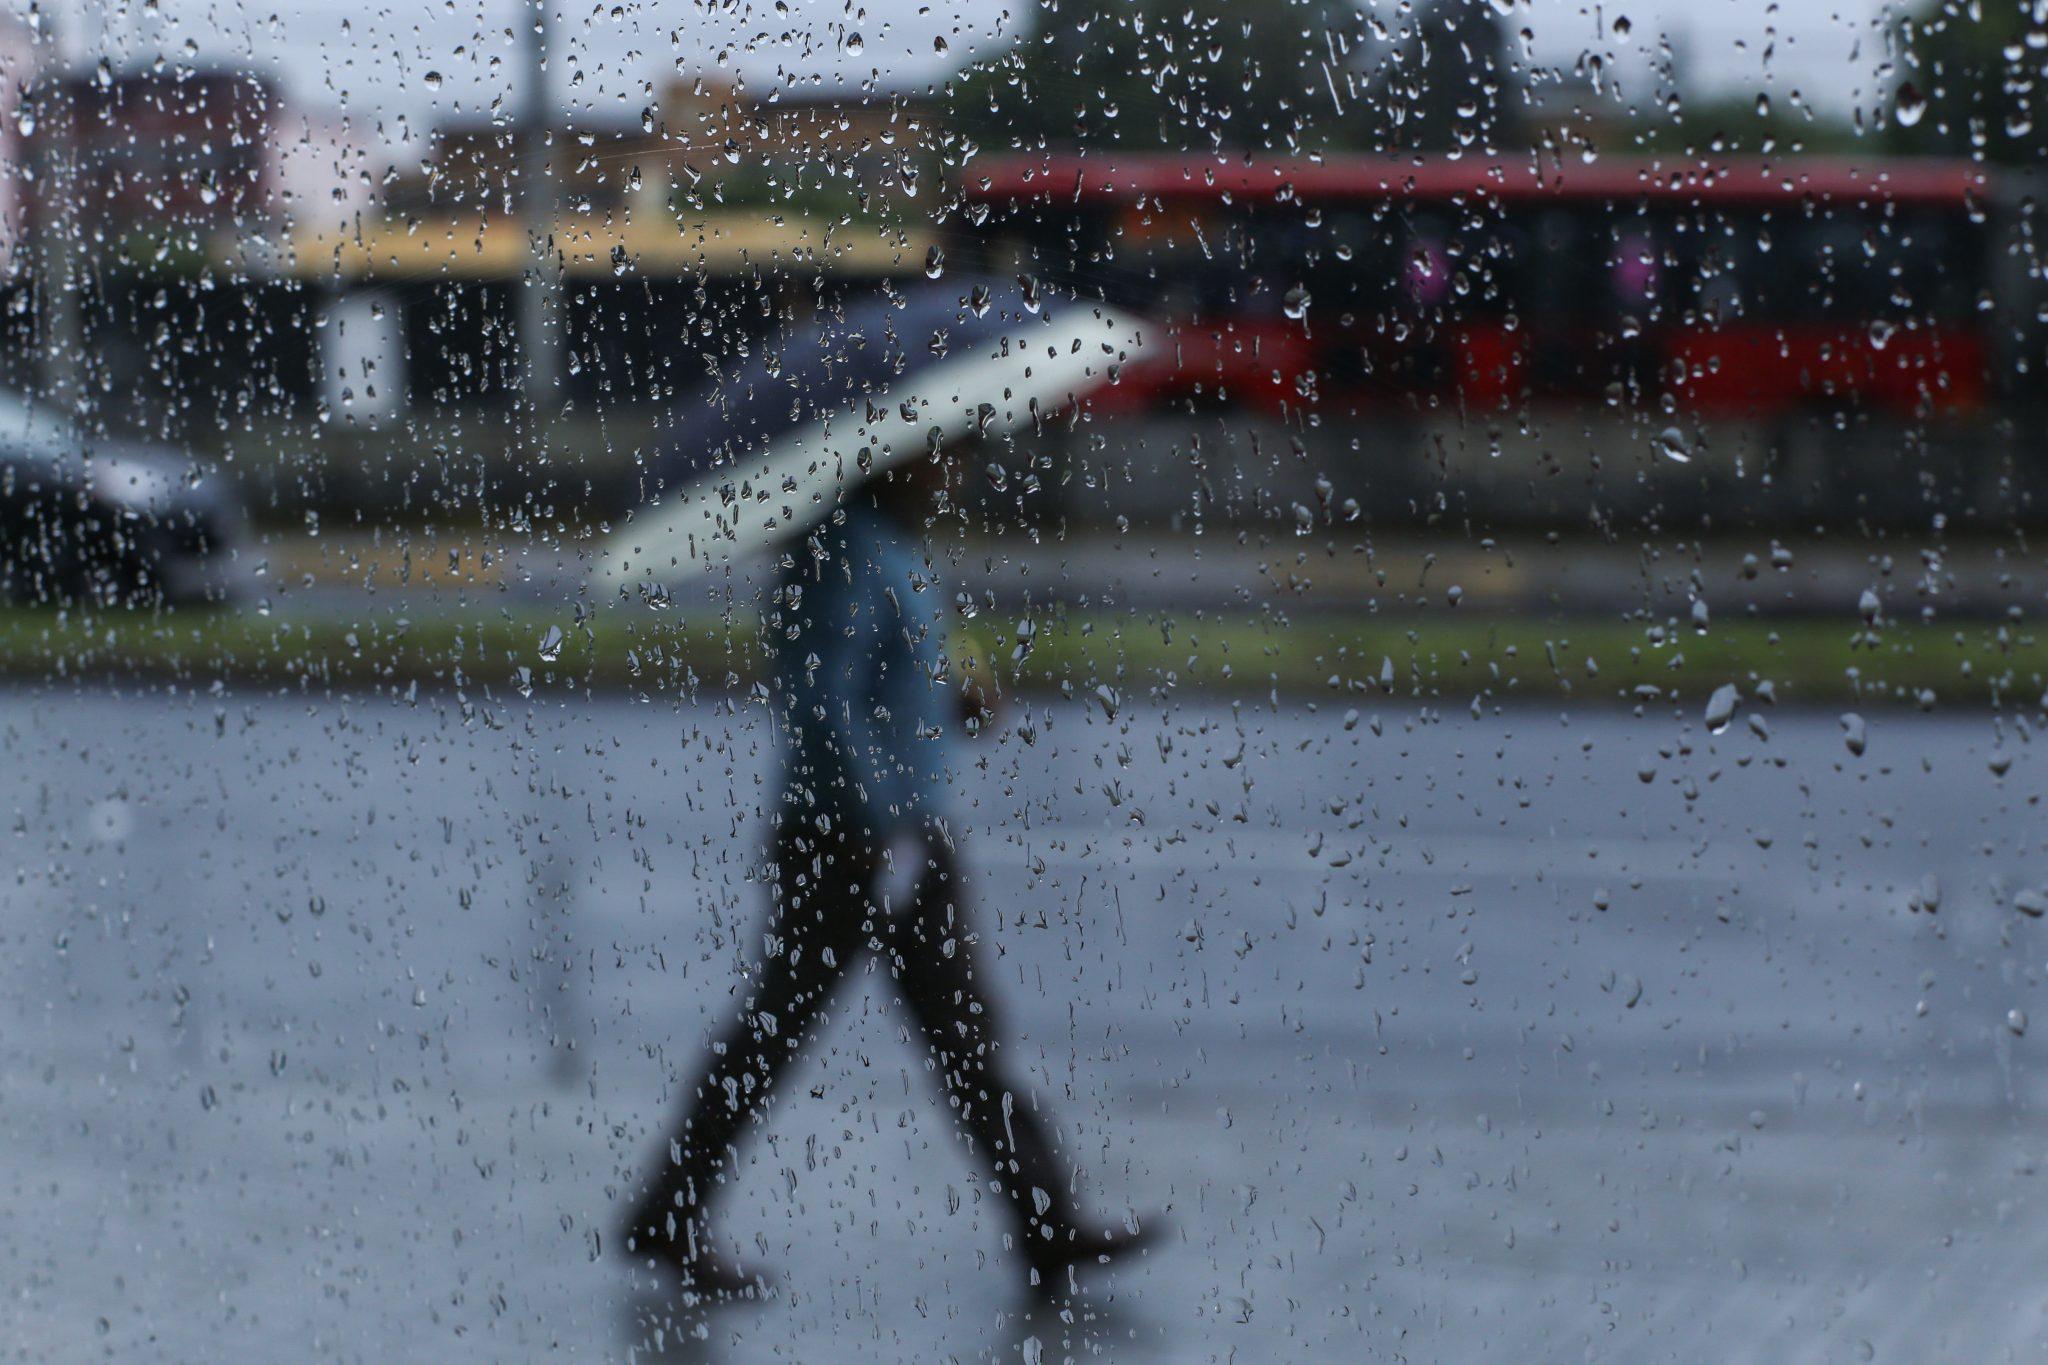 Este miércoles prevalecerán las lluvias fuertes al Norte y Poniente de la Capital